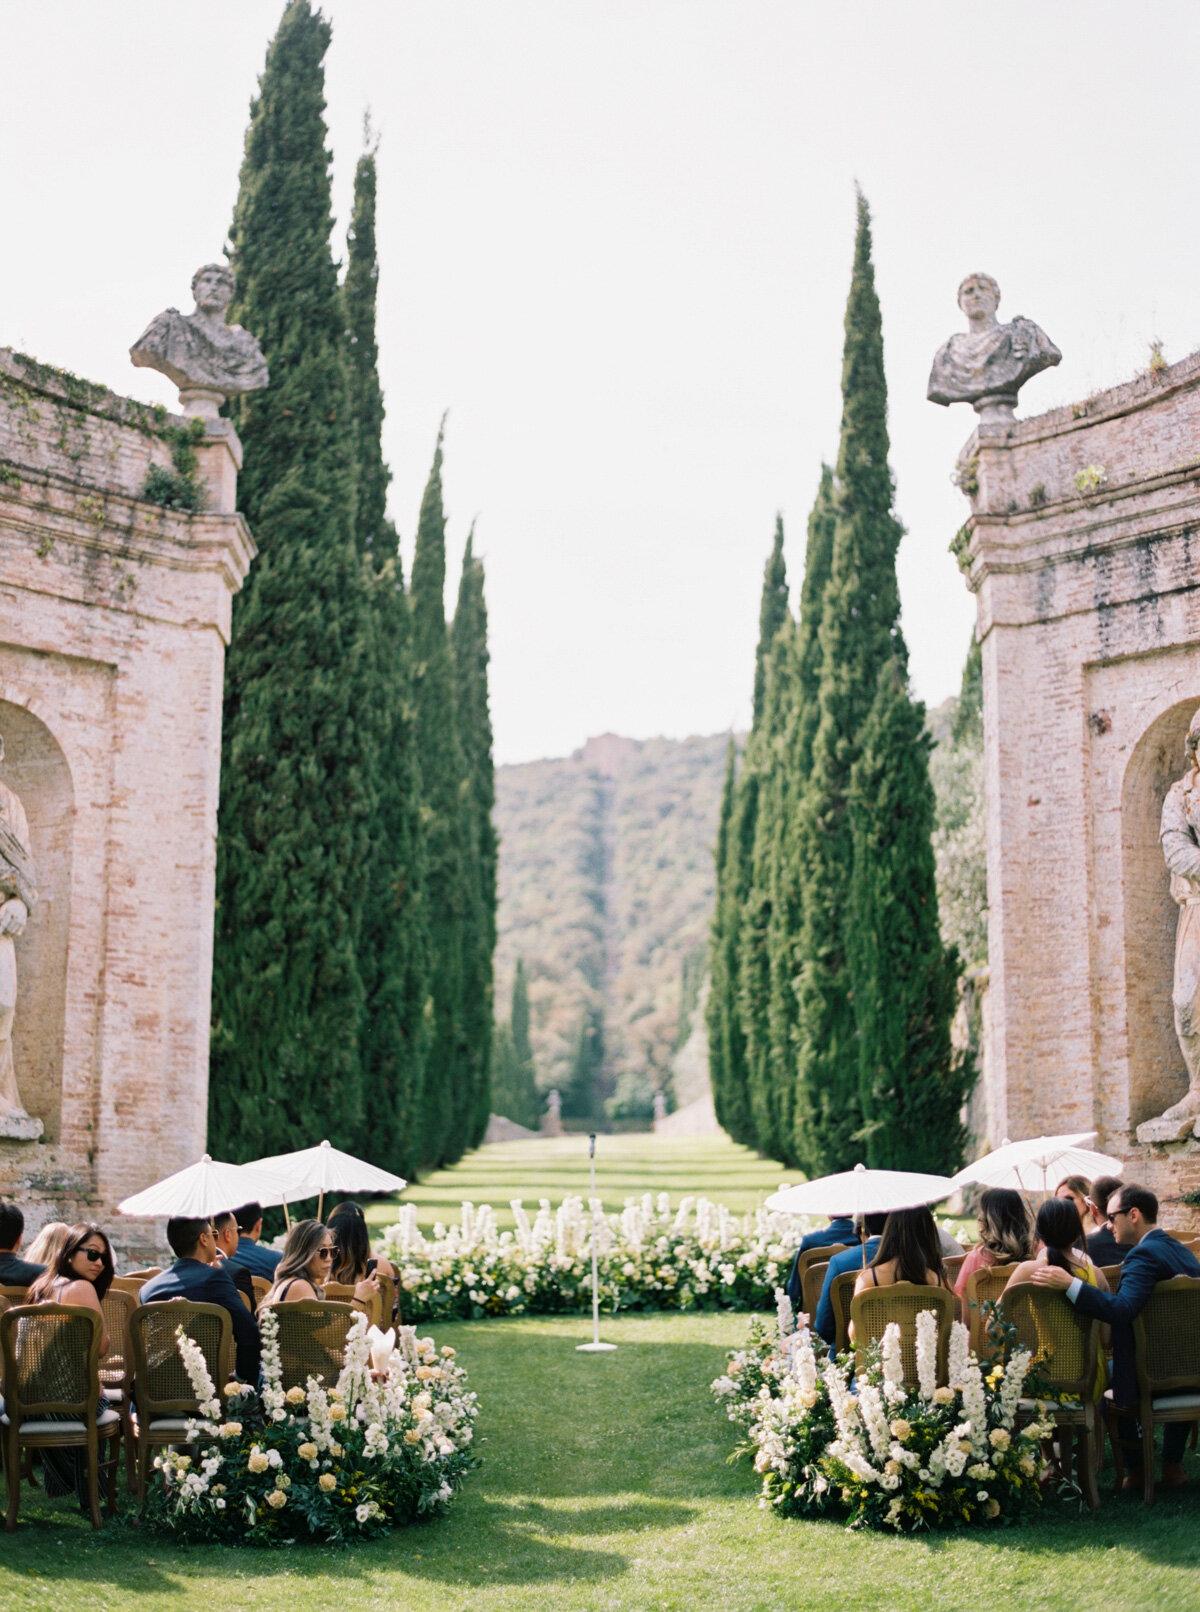 Villa-Cetinale-Tuscany-Katie-Grant-destination-wedding (57 of 115).jpg